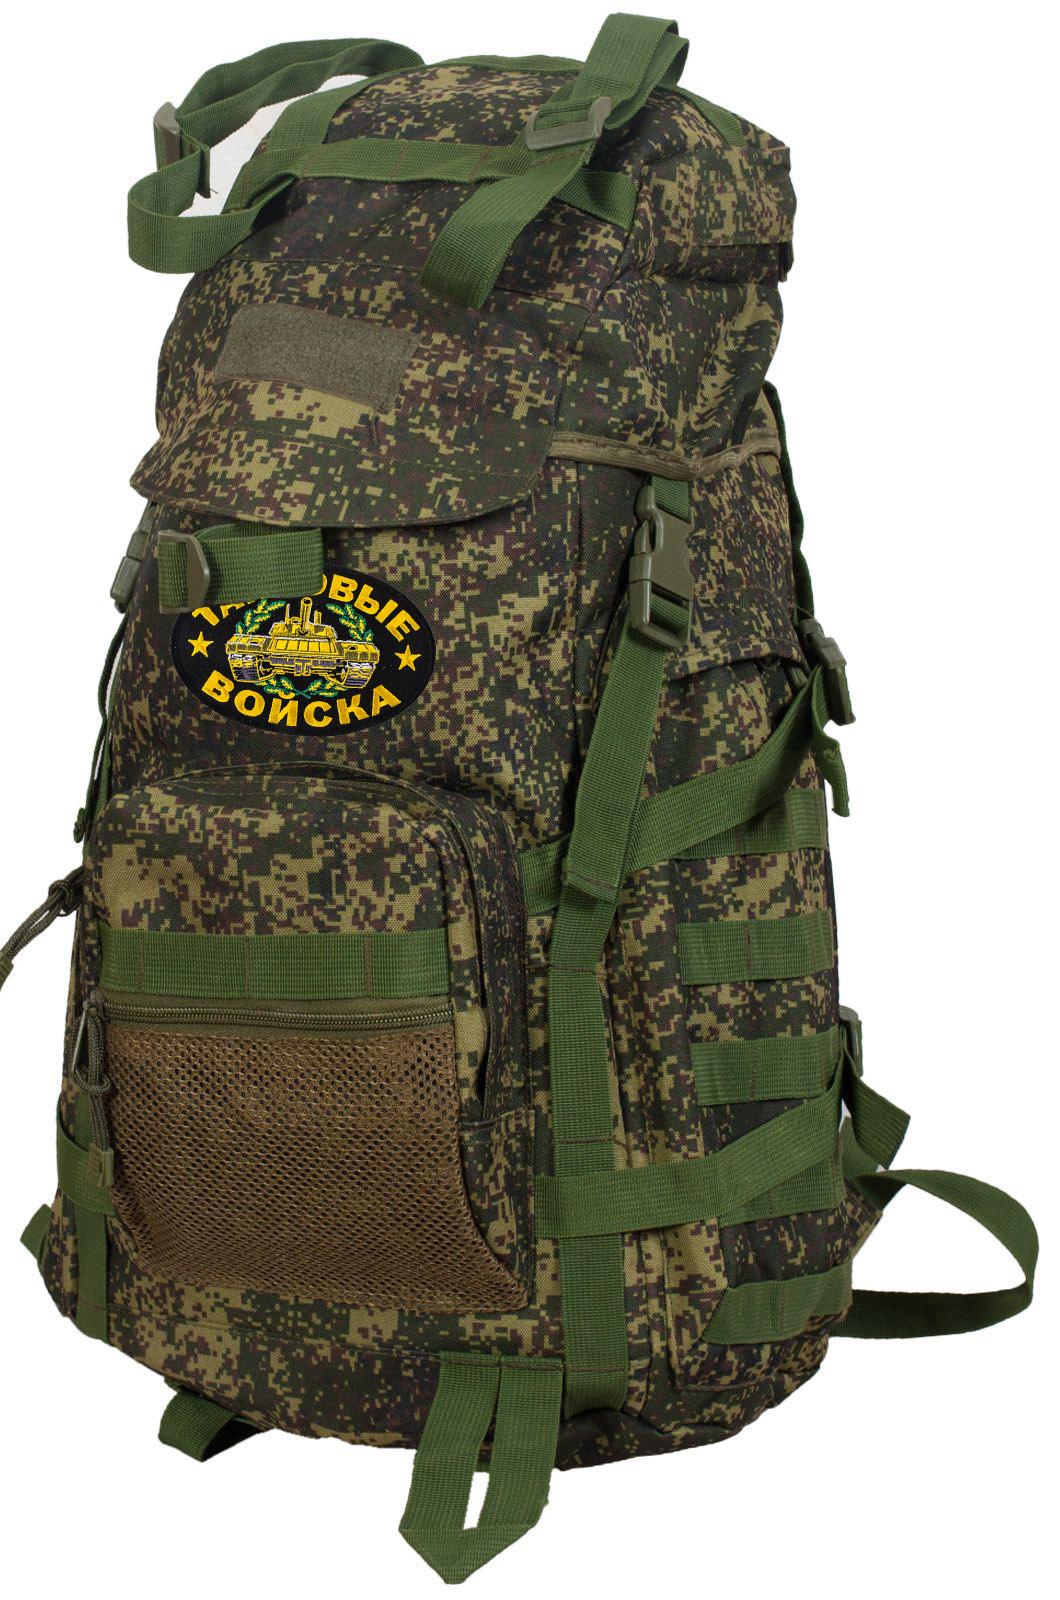 Зачетный тактический рюкзак с нашивкой Танковые Войска - купить выгодно